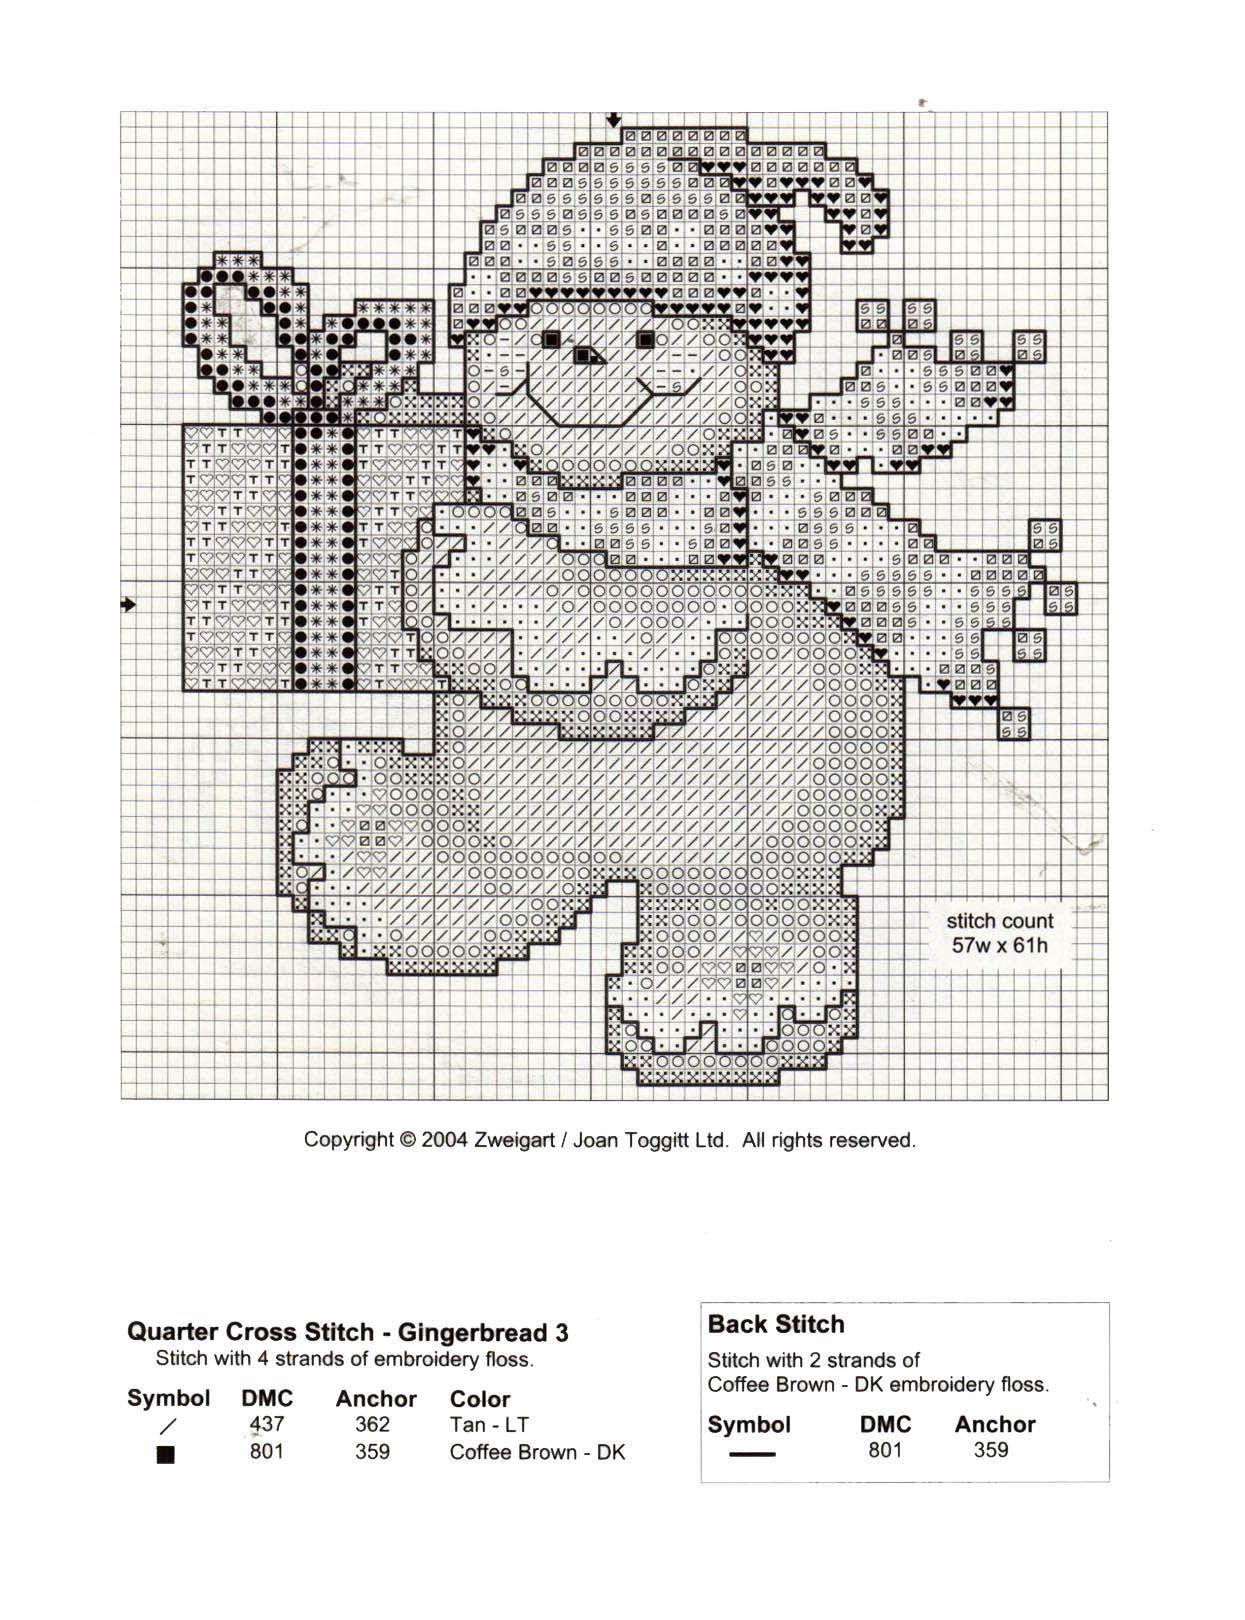 Pin von Joana auf Christmas - Cross Stitch | Pinterest | Weihnachten